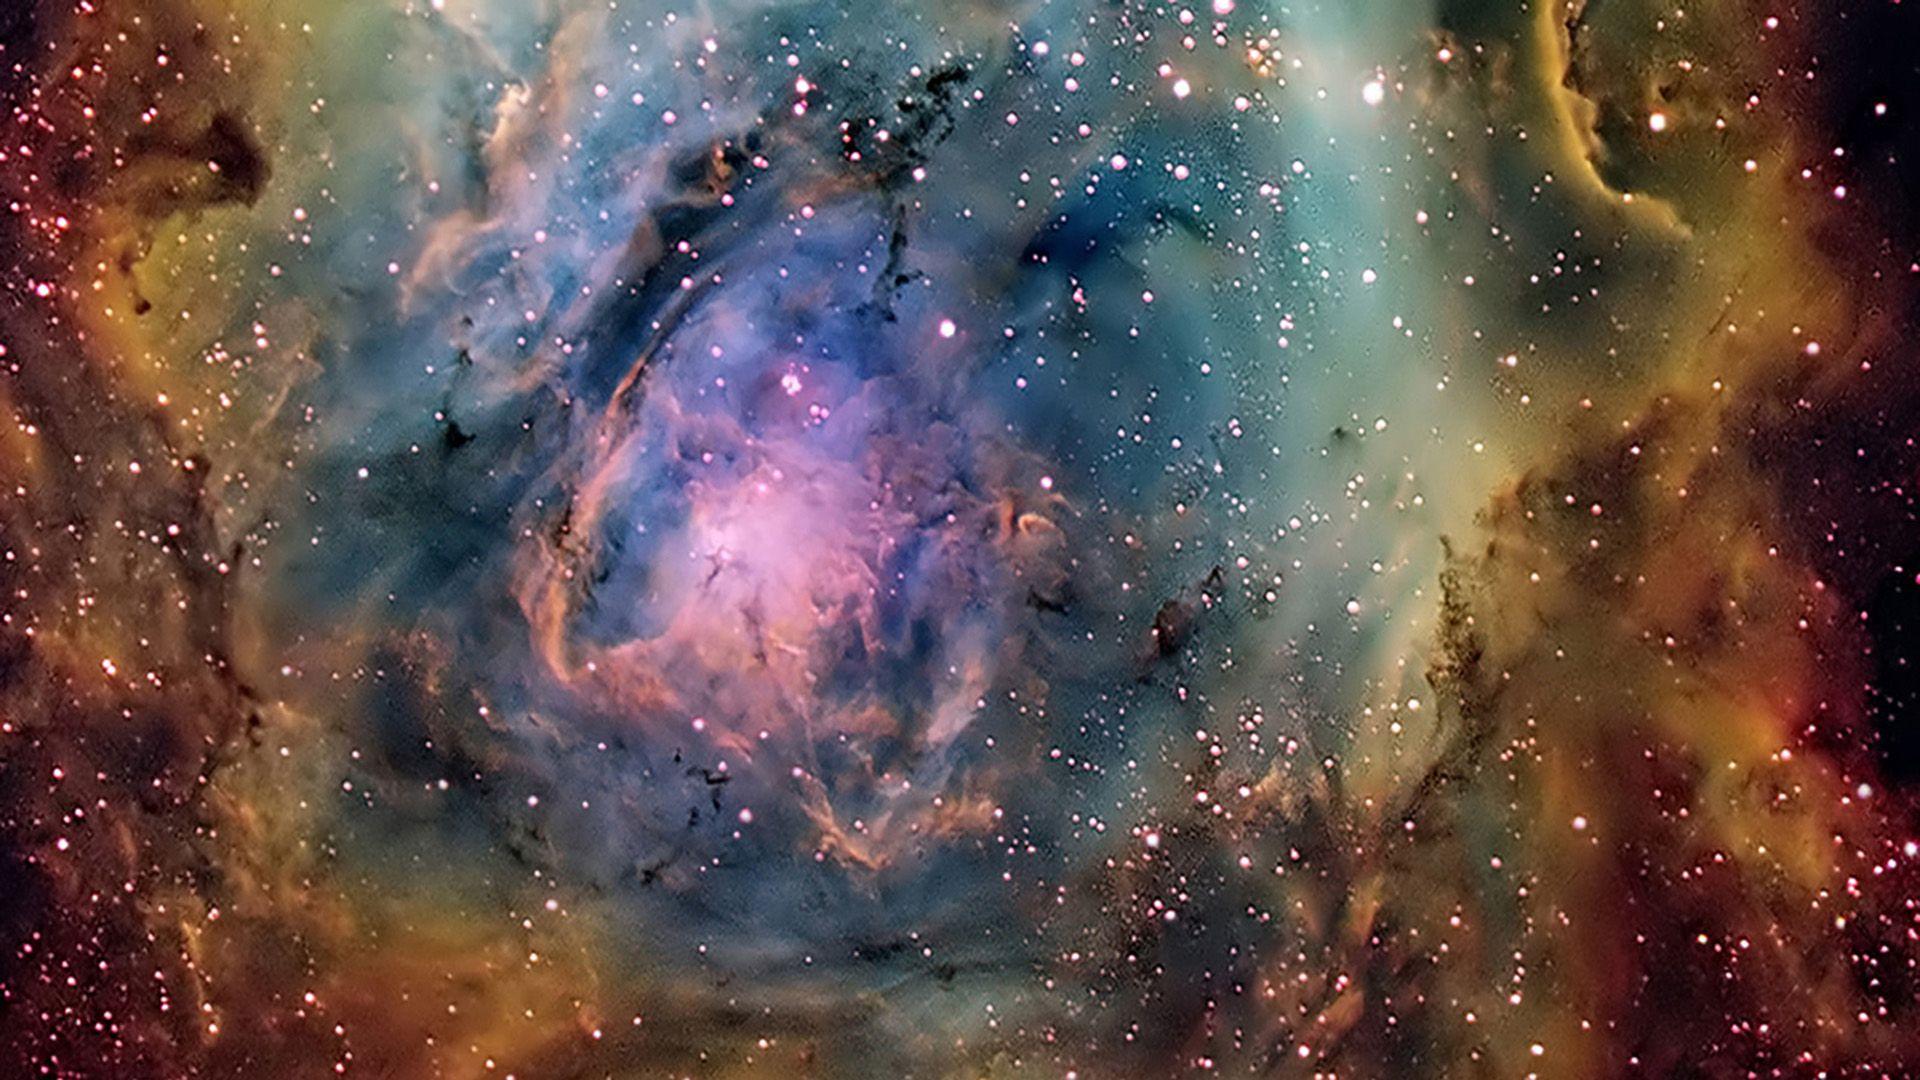 Astronomy background image